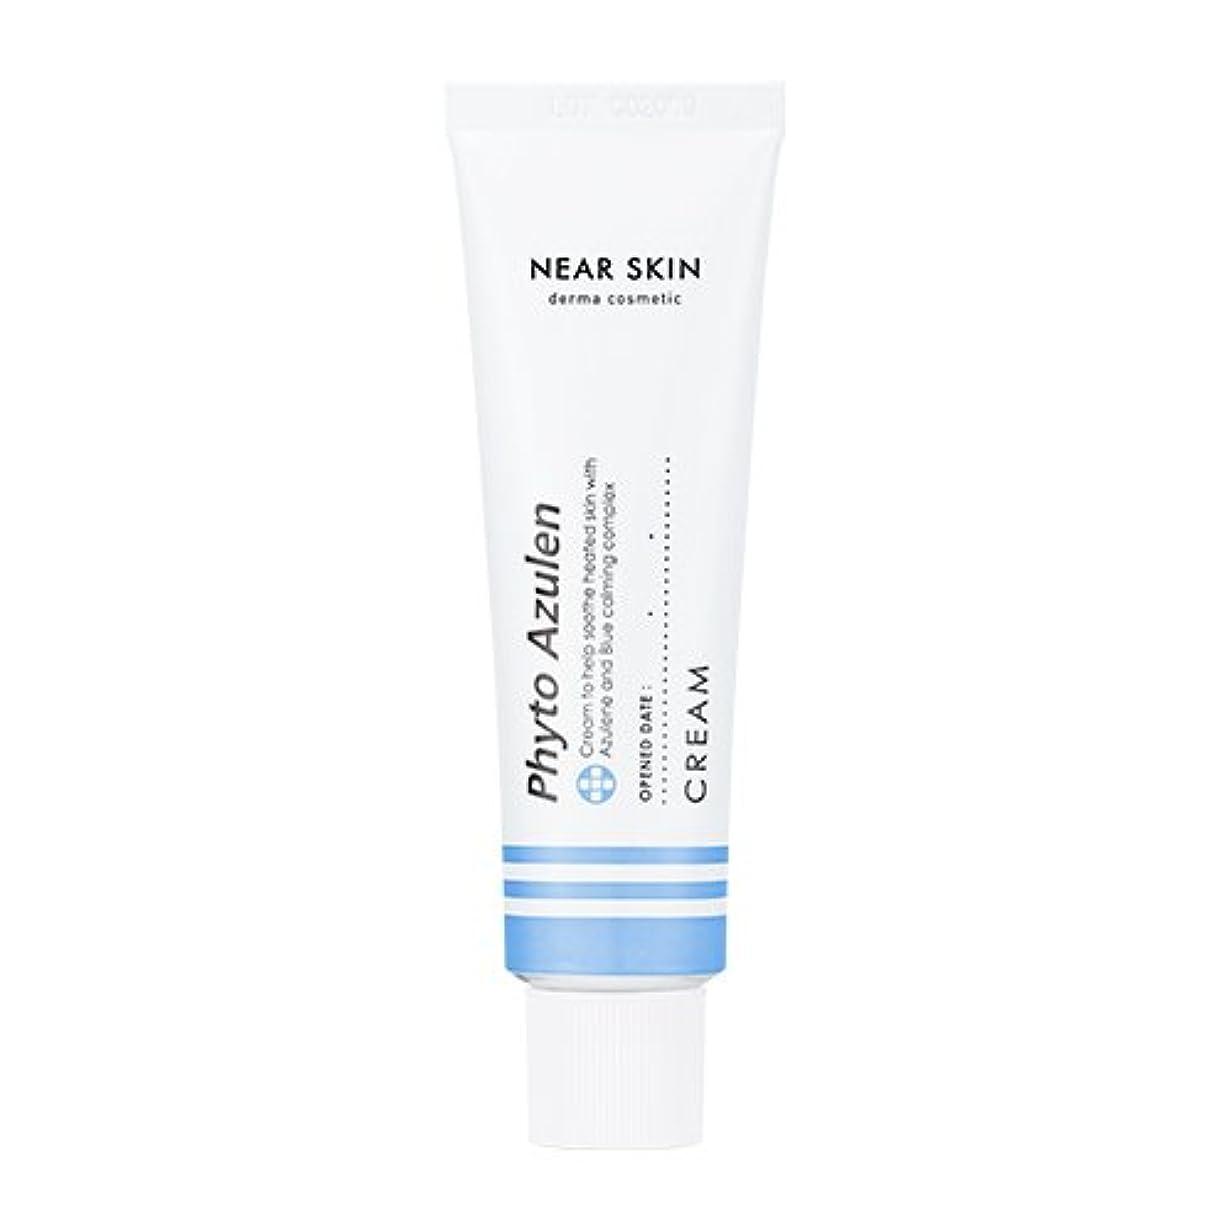 解決地上で終了するMISSHA [NEAR SKIN] Phyto Azulen Cream/ミシャ ニアスキン フィトアズレンクリーム 50ml [並行輸入品]